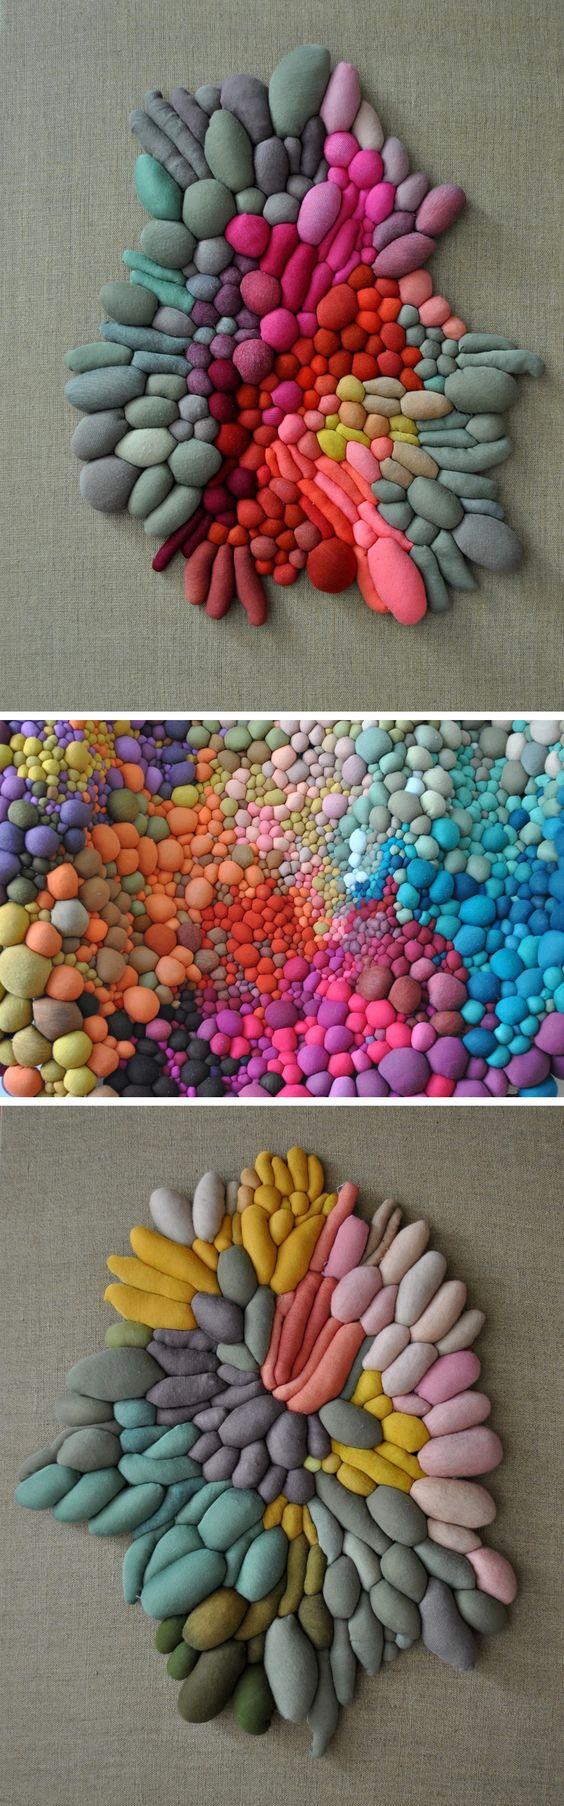 Textile Sculptures Created From Dozens of Multicolored Orbs by Serena Garcia Dalla Venezia: